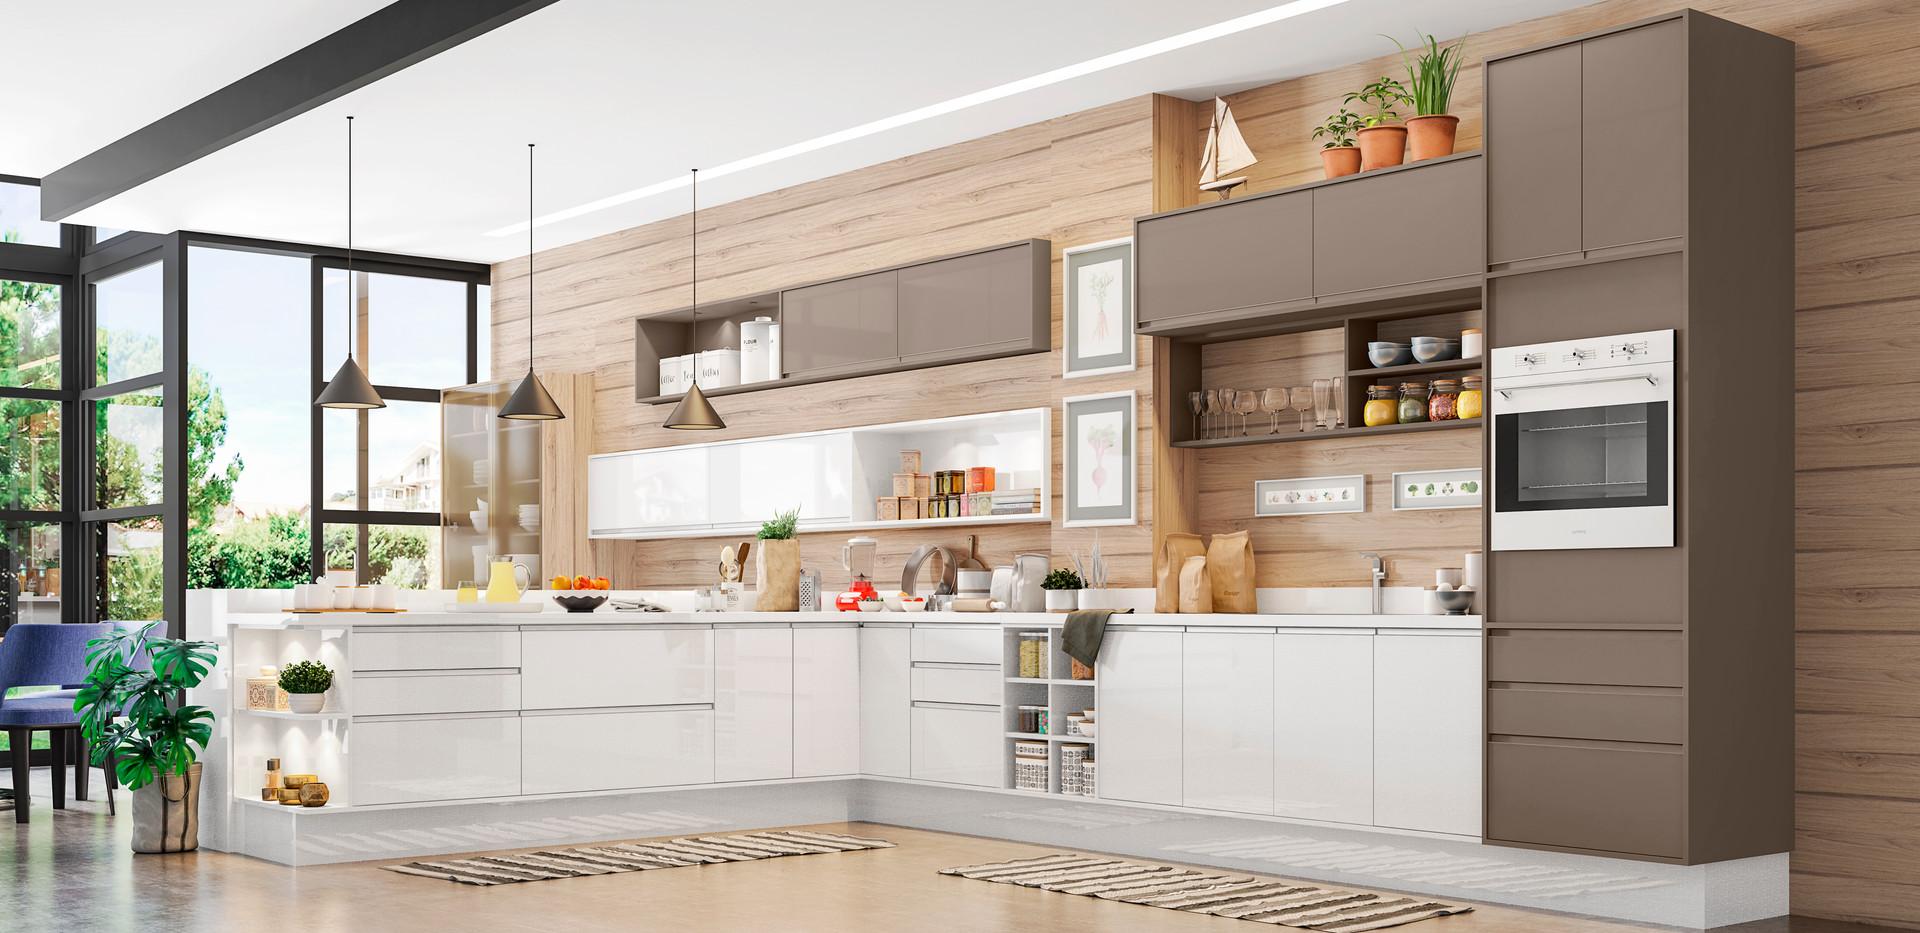 Cozinha 03 -Painel e aereos Gianduia Bri